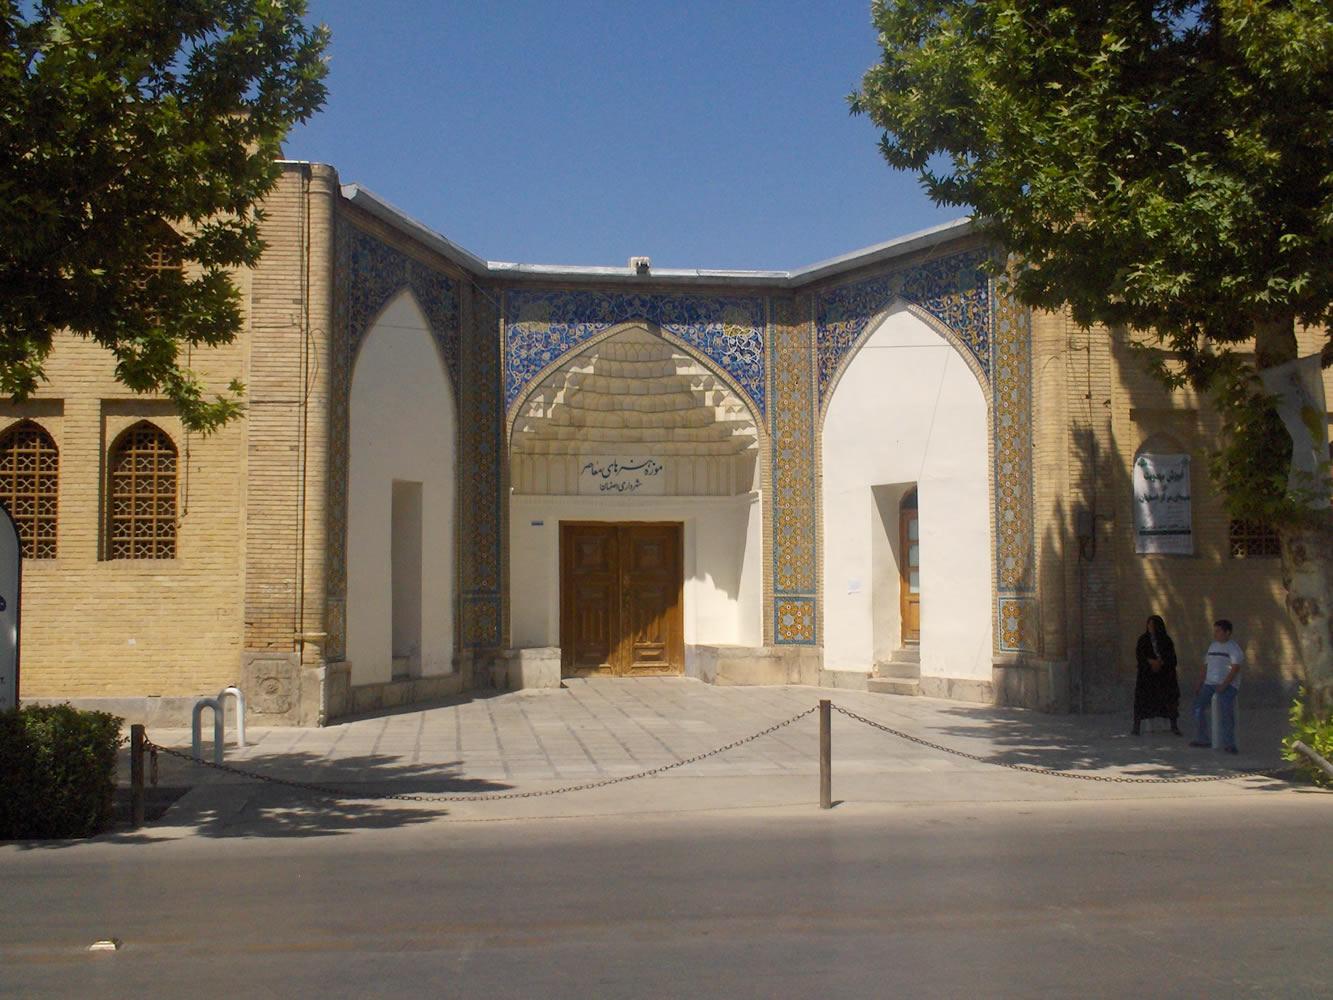 موزه دیدنی و جذاب صنعتی کرمان